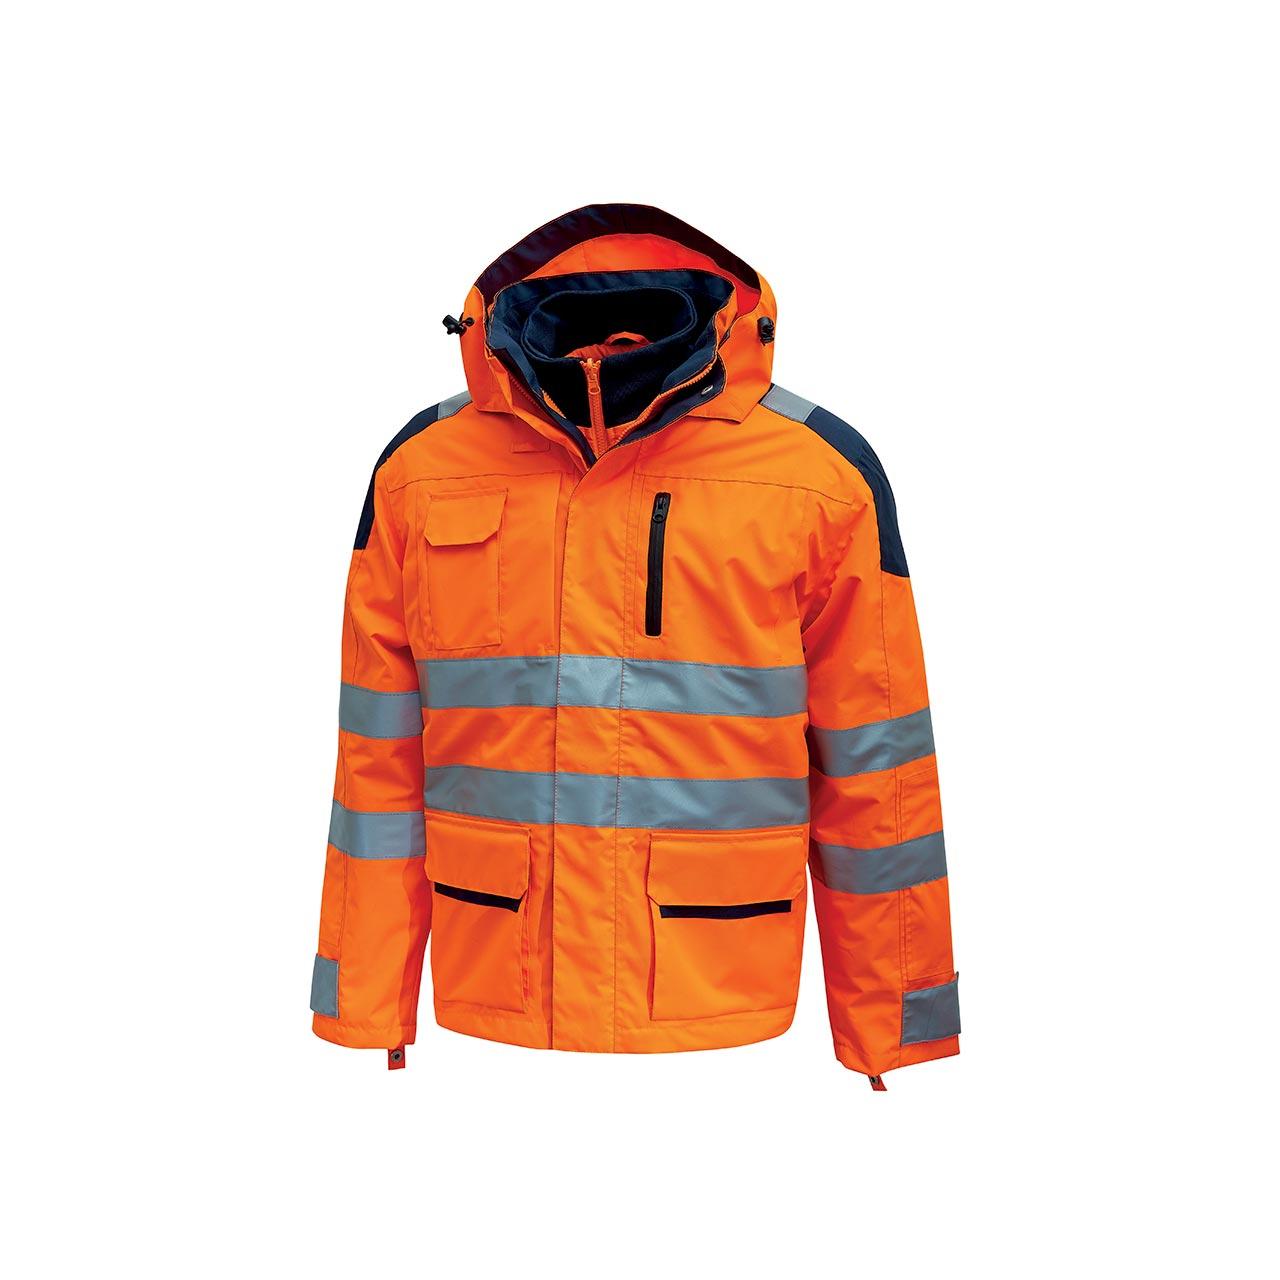 giacca da lavoro upower modello backer colore orange fl